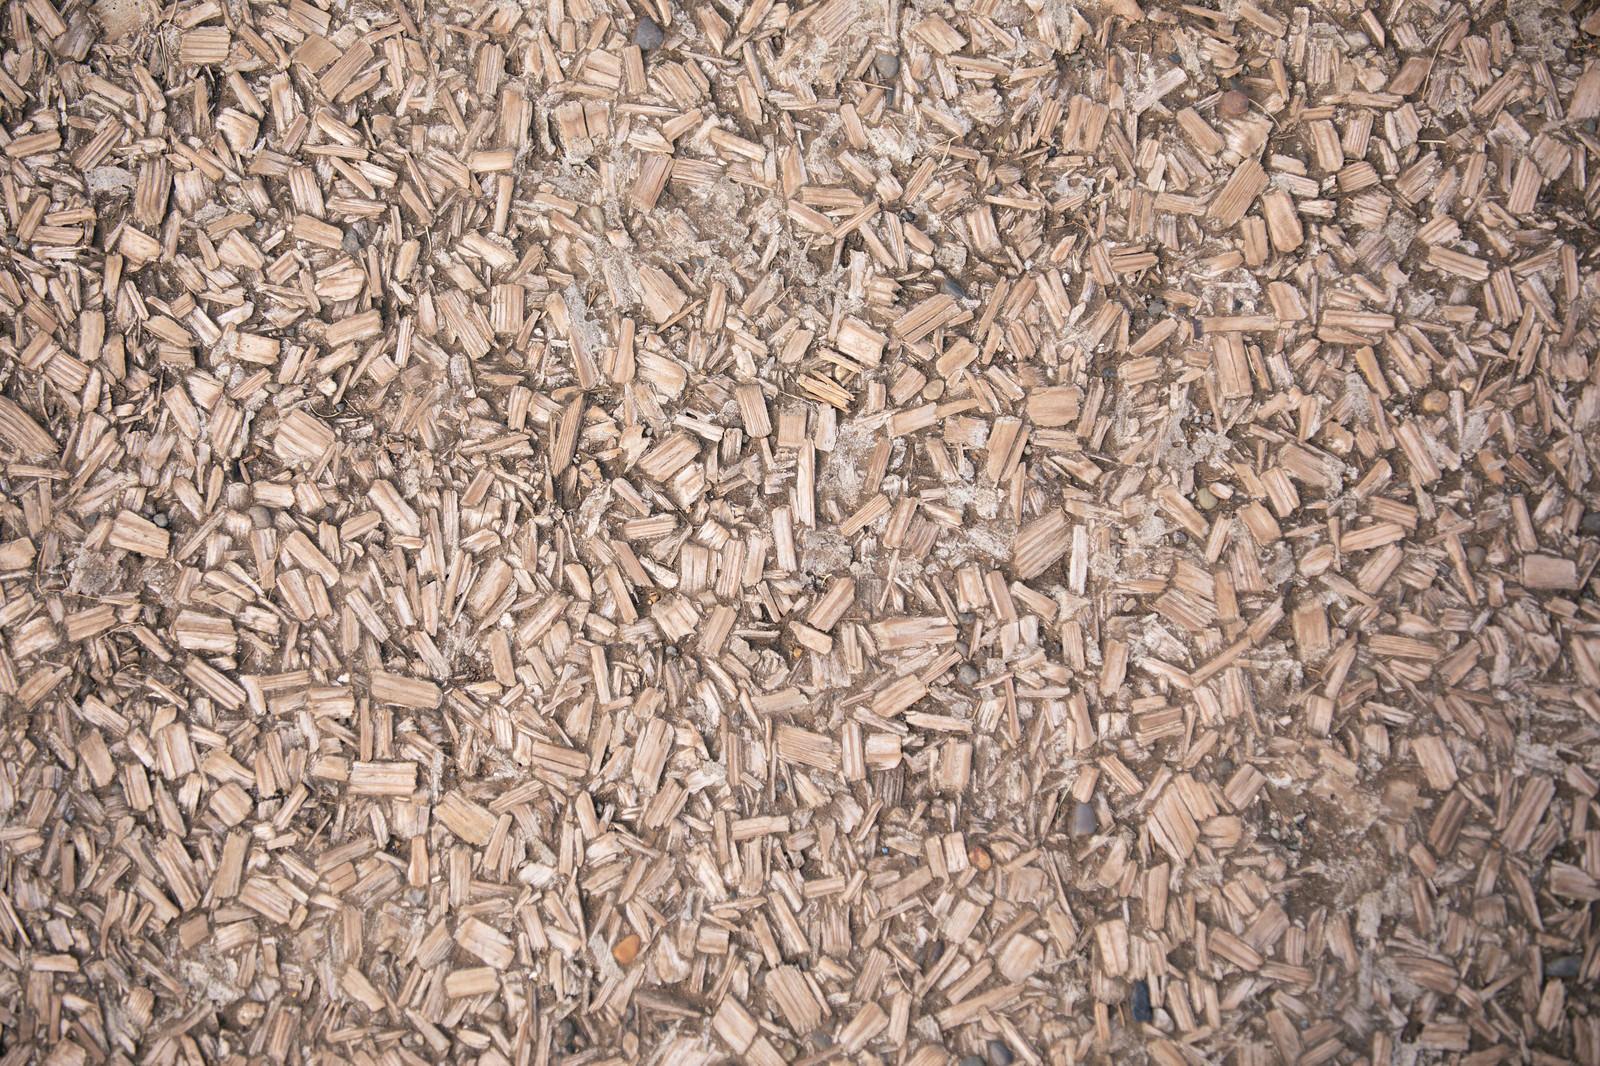 「細かな木片(ウッドチップ)が踏み固められた地面(テクスチャ)」の写真